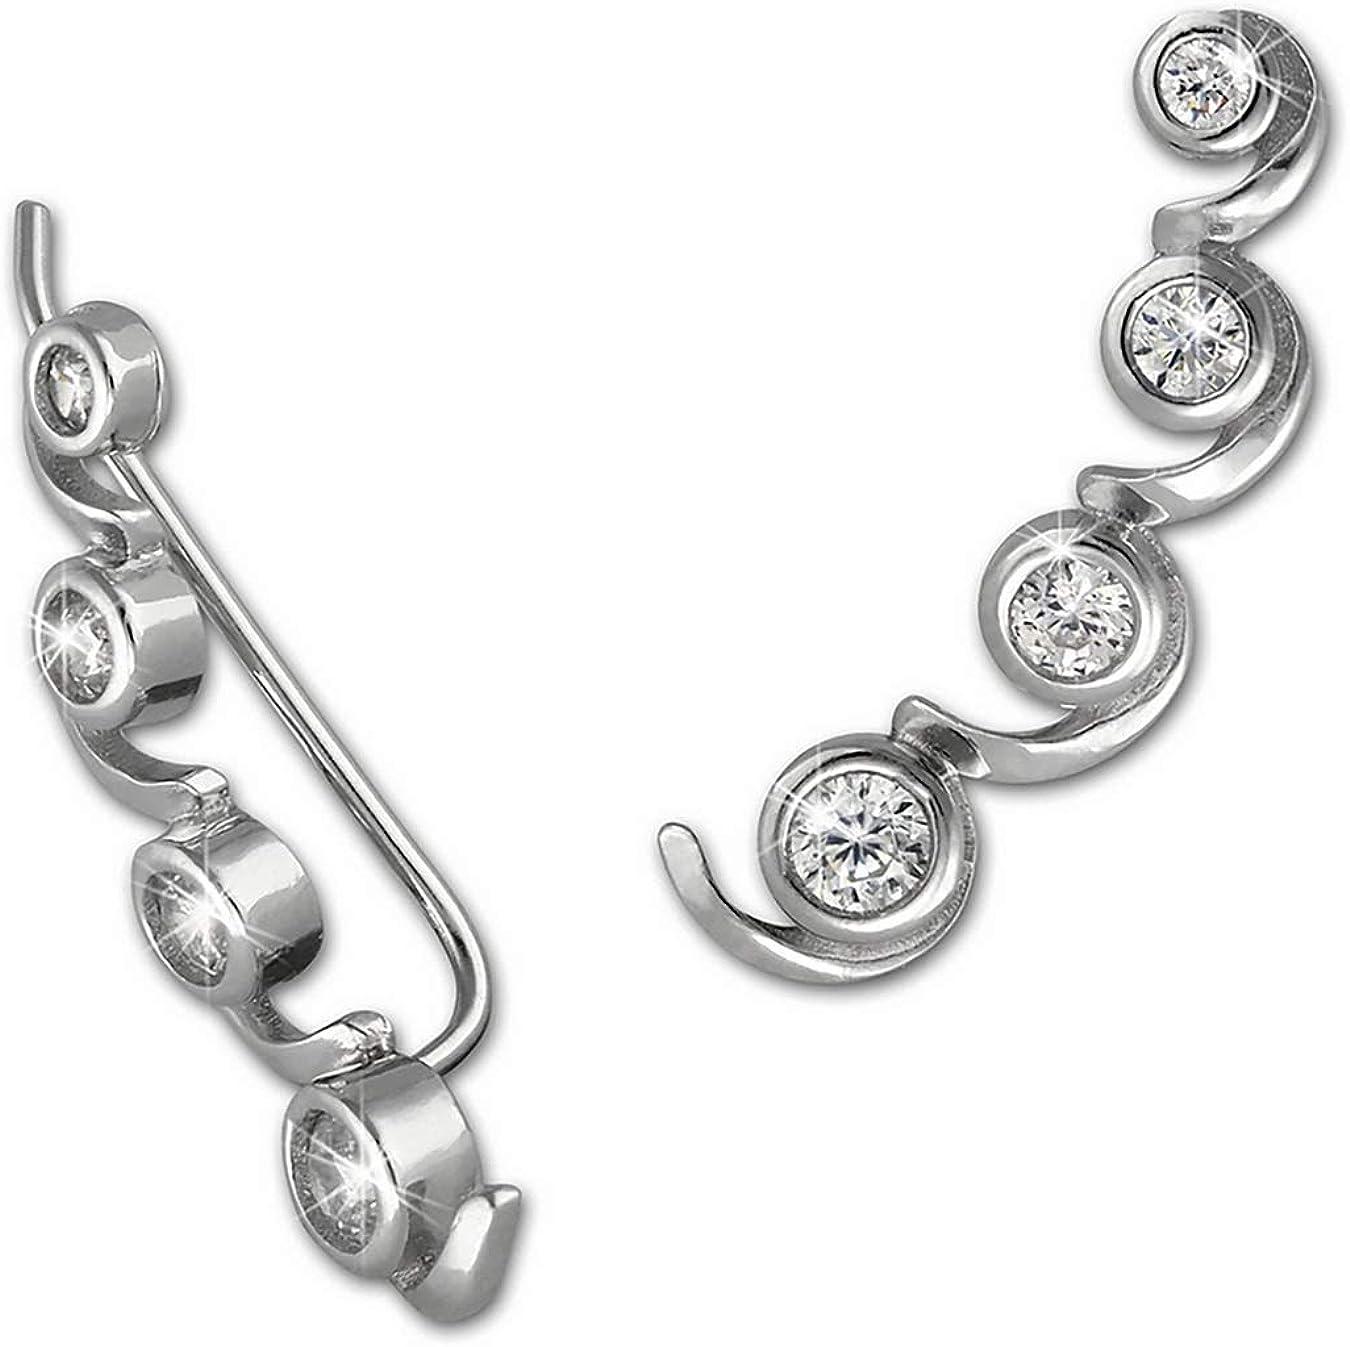 SilberDream weiß Ear Cuff Ohrringe Zirkonia 925 Silber Damen Ohrklemmen GSO471W